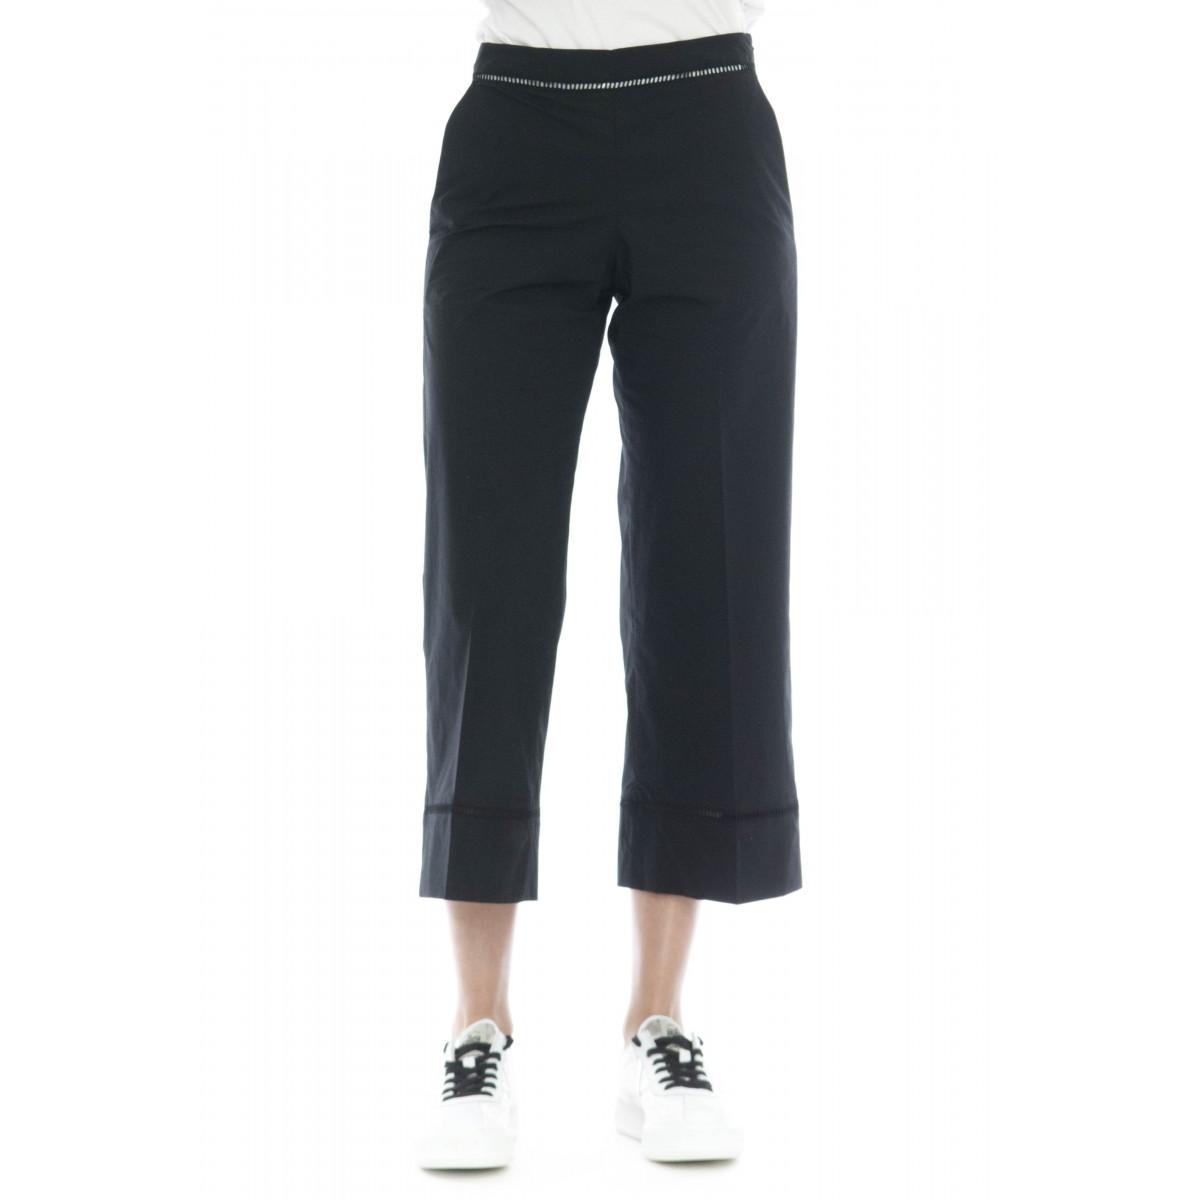 Pantalone donna - 2244 pantalone cotone strech ricamo a giorno